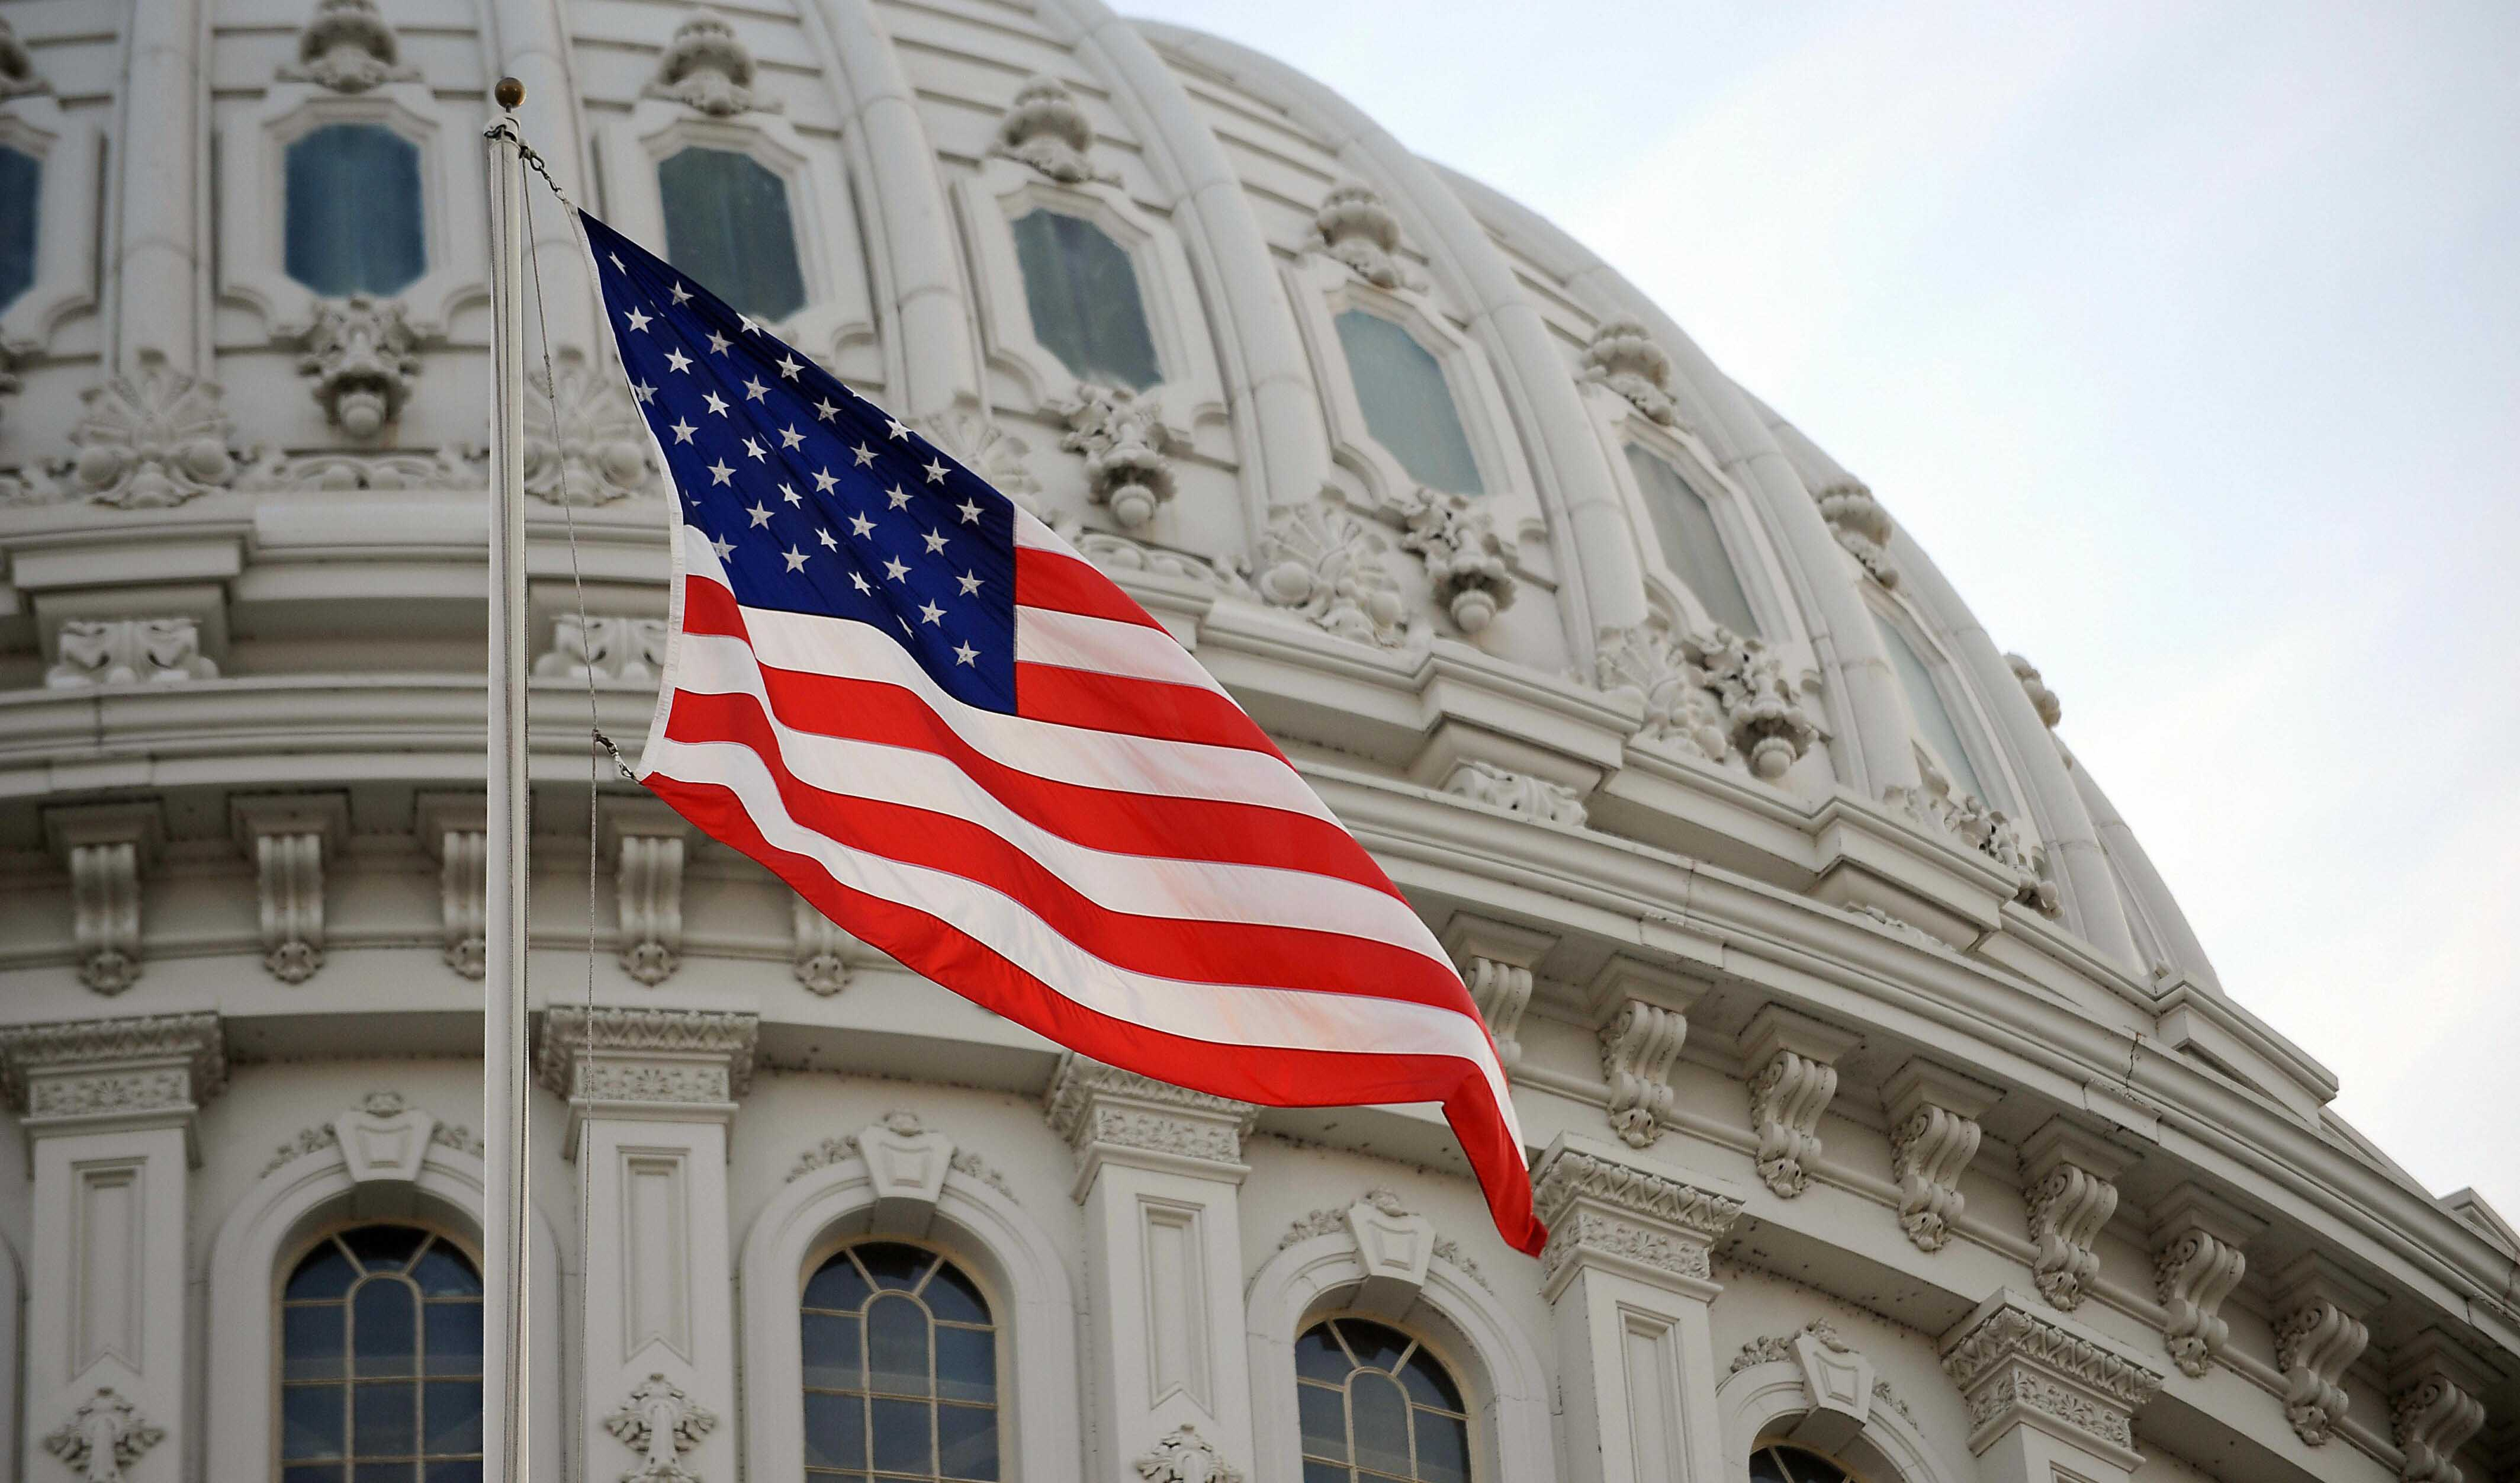 بدهی دولت فدرال آمریکا به ۳۵.۳ تریلیون دلار خواهد رسید